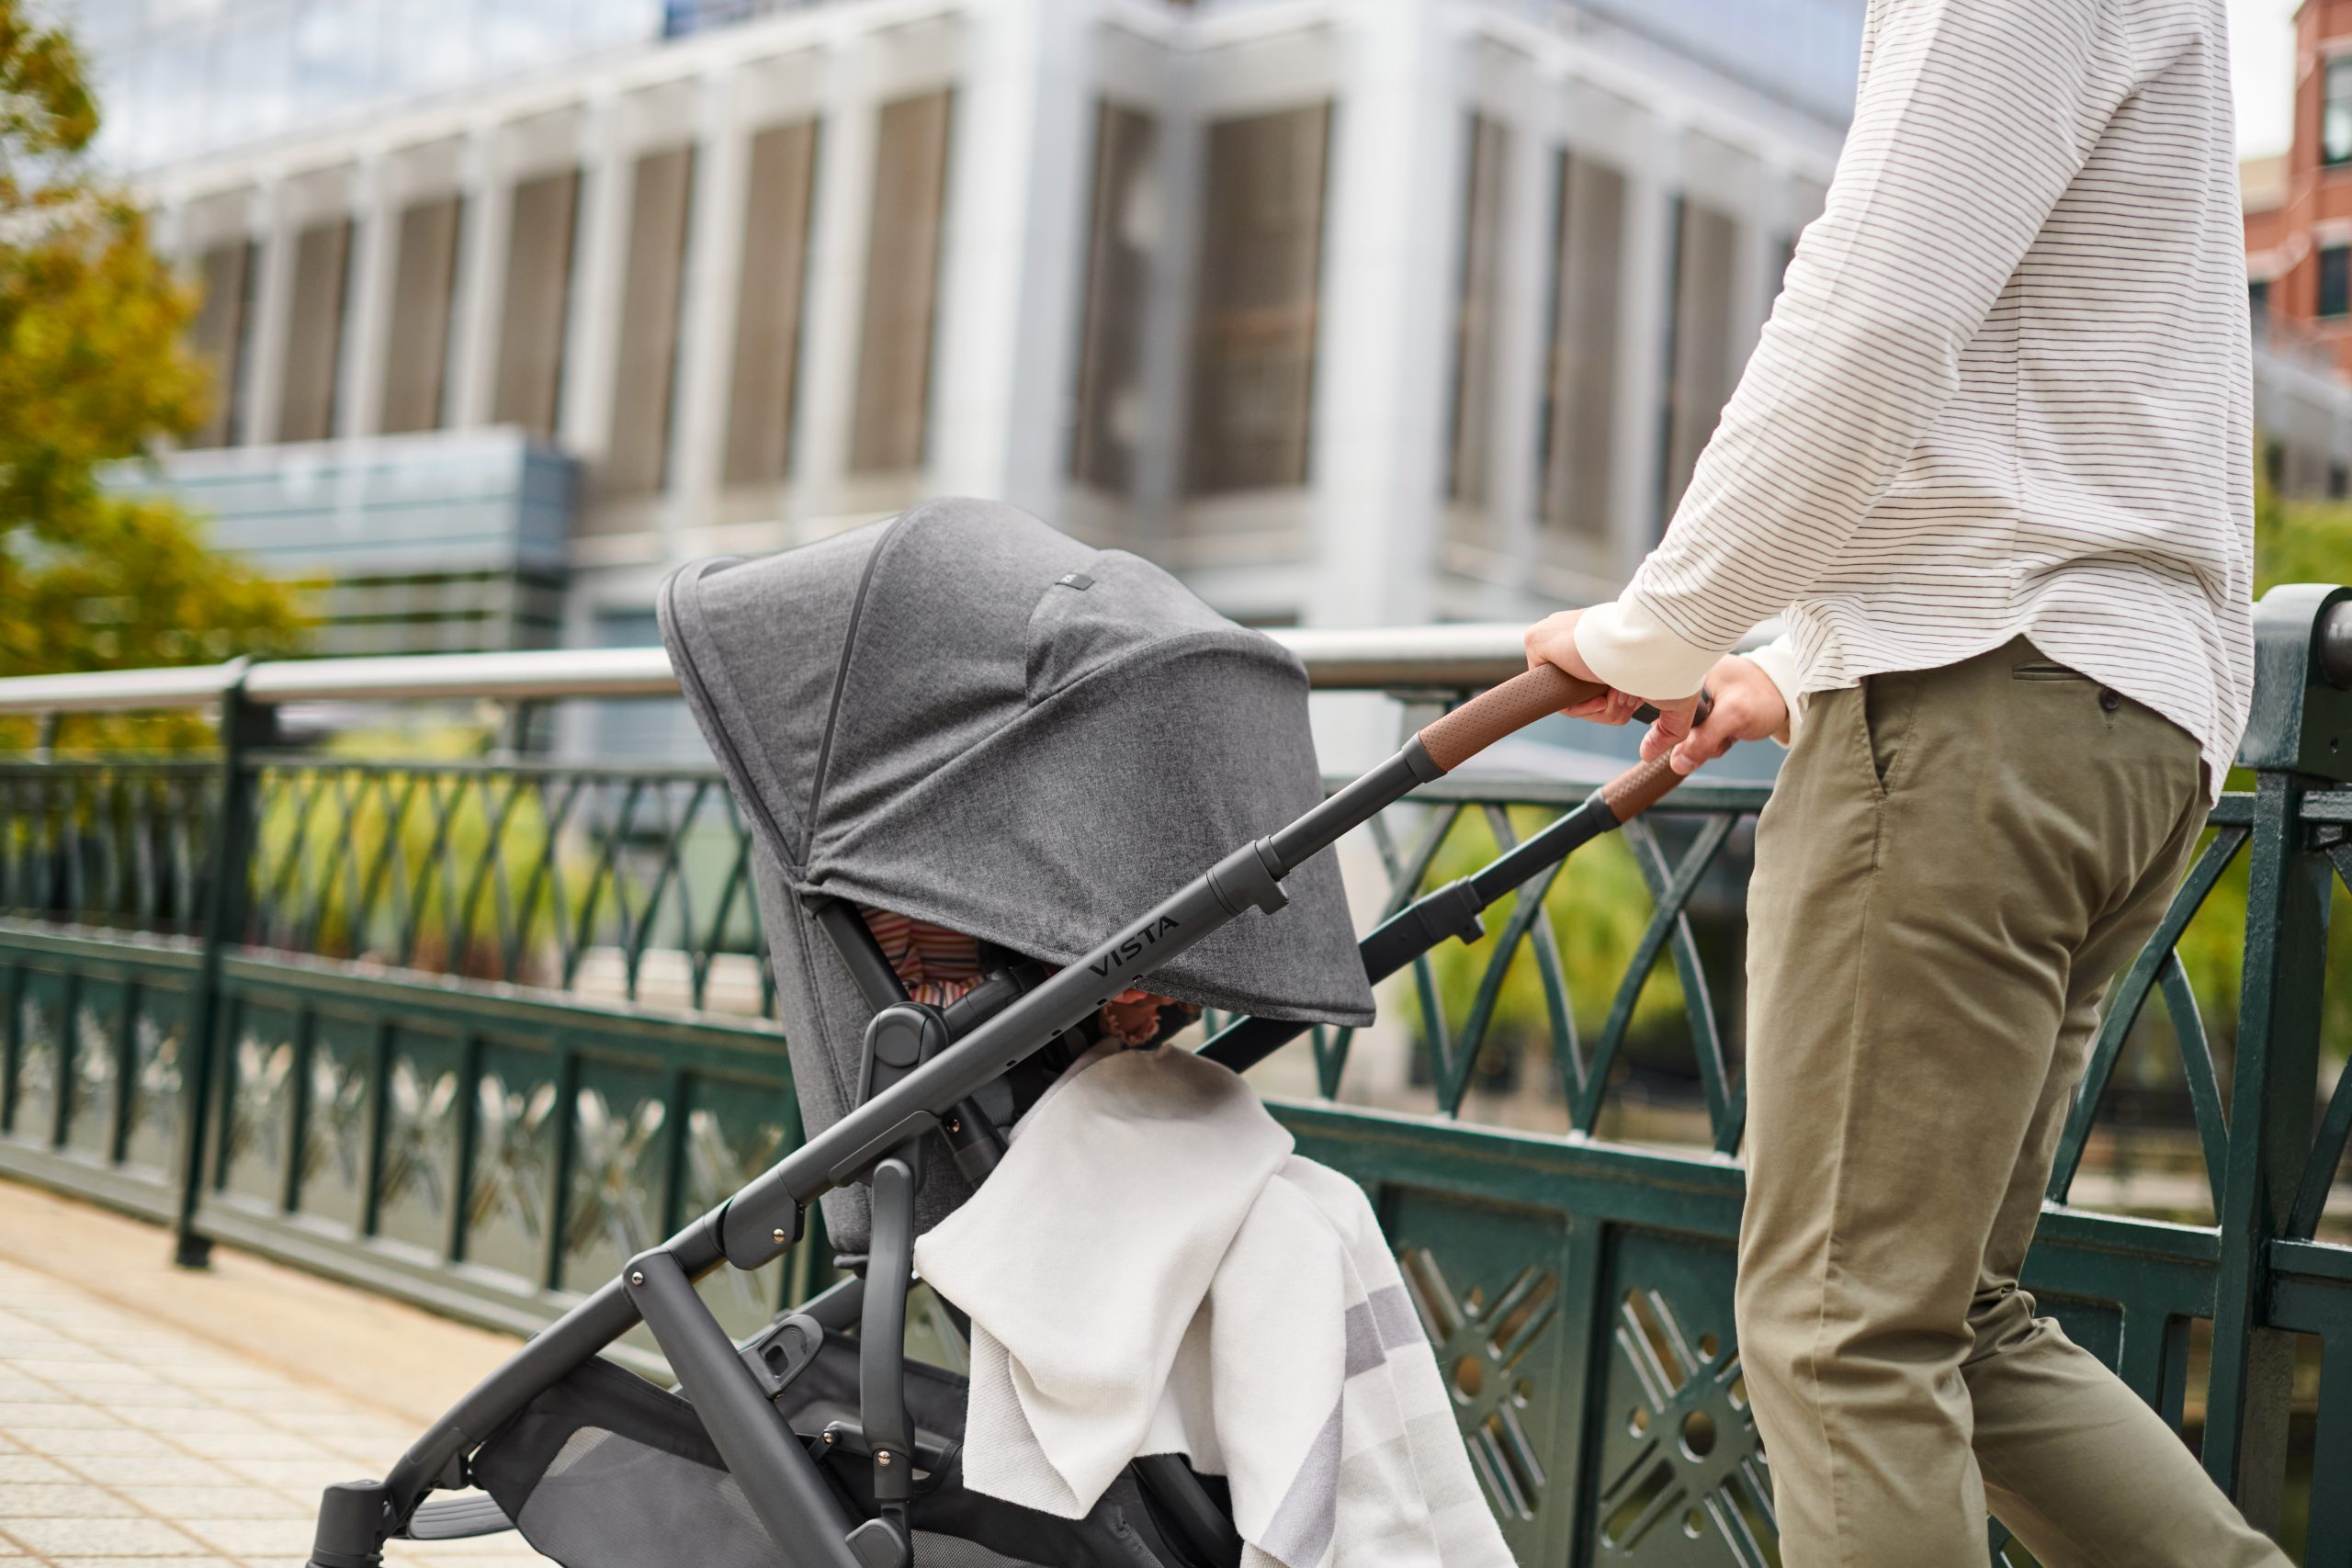 Man pushing a stroller